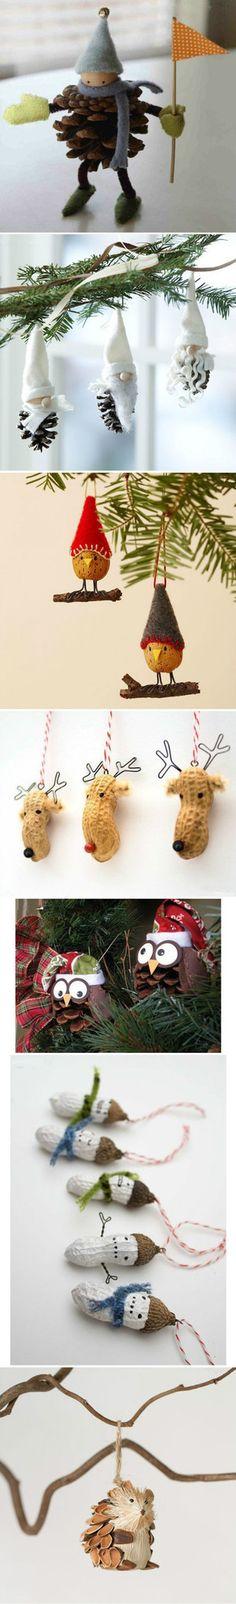 坚果做的圣诞节小饰物 - 堆糖 发现生活_收集美好_分享图片